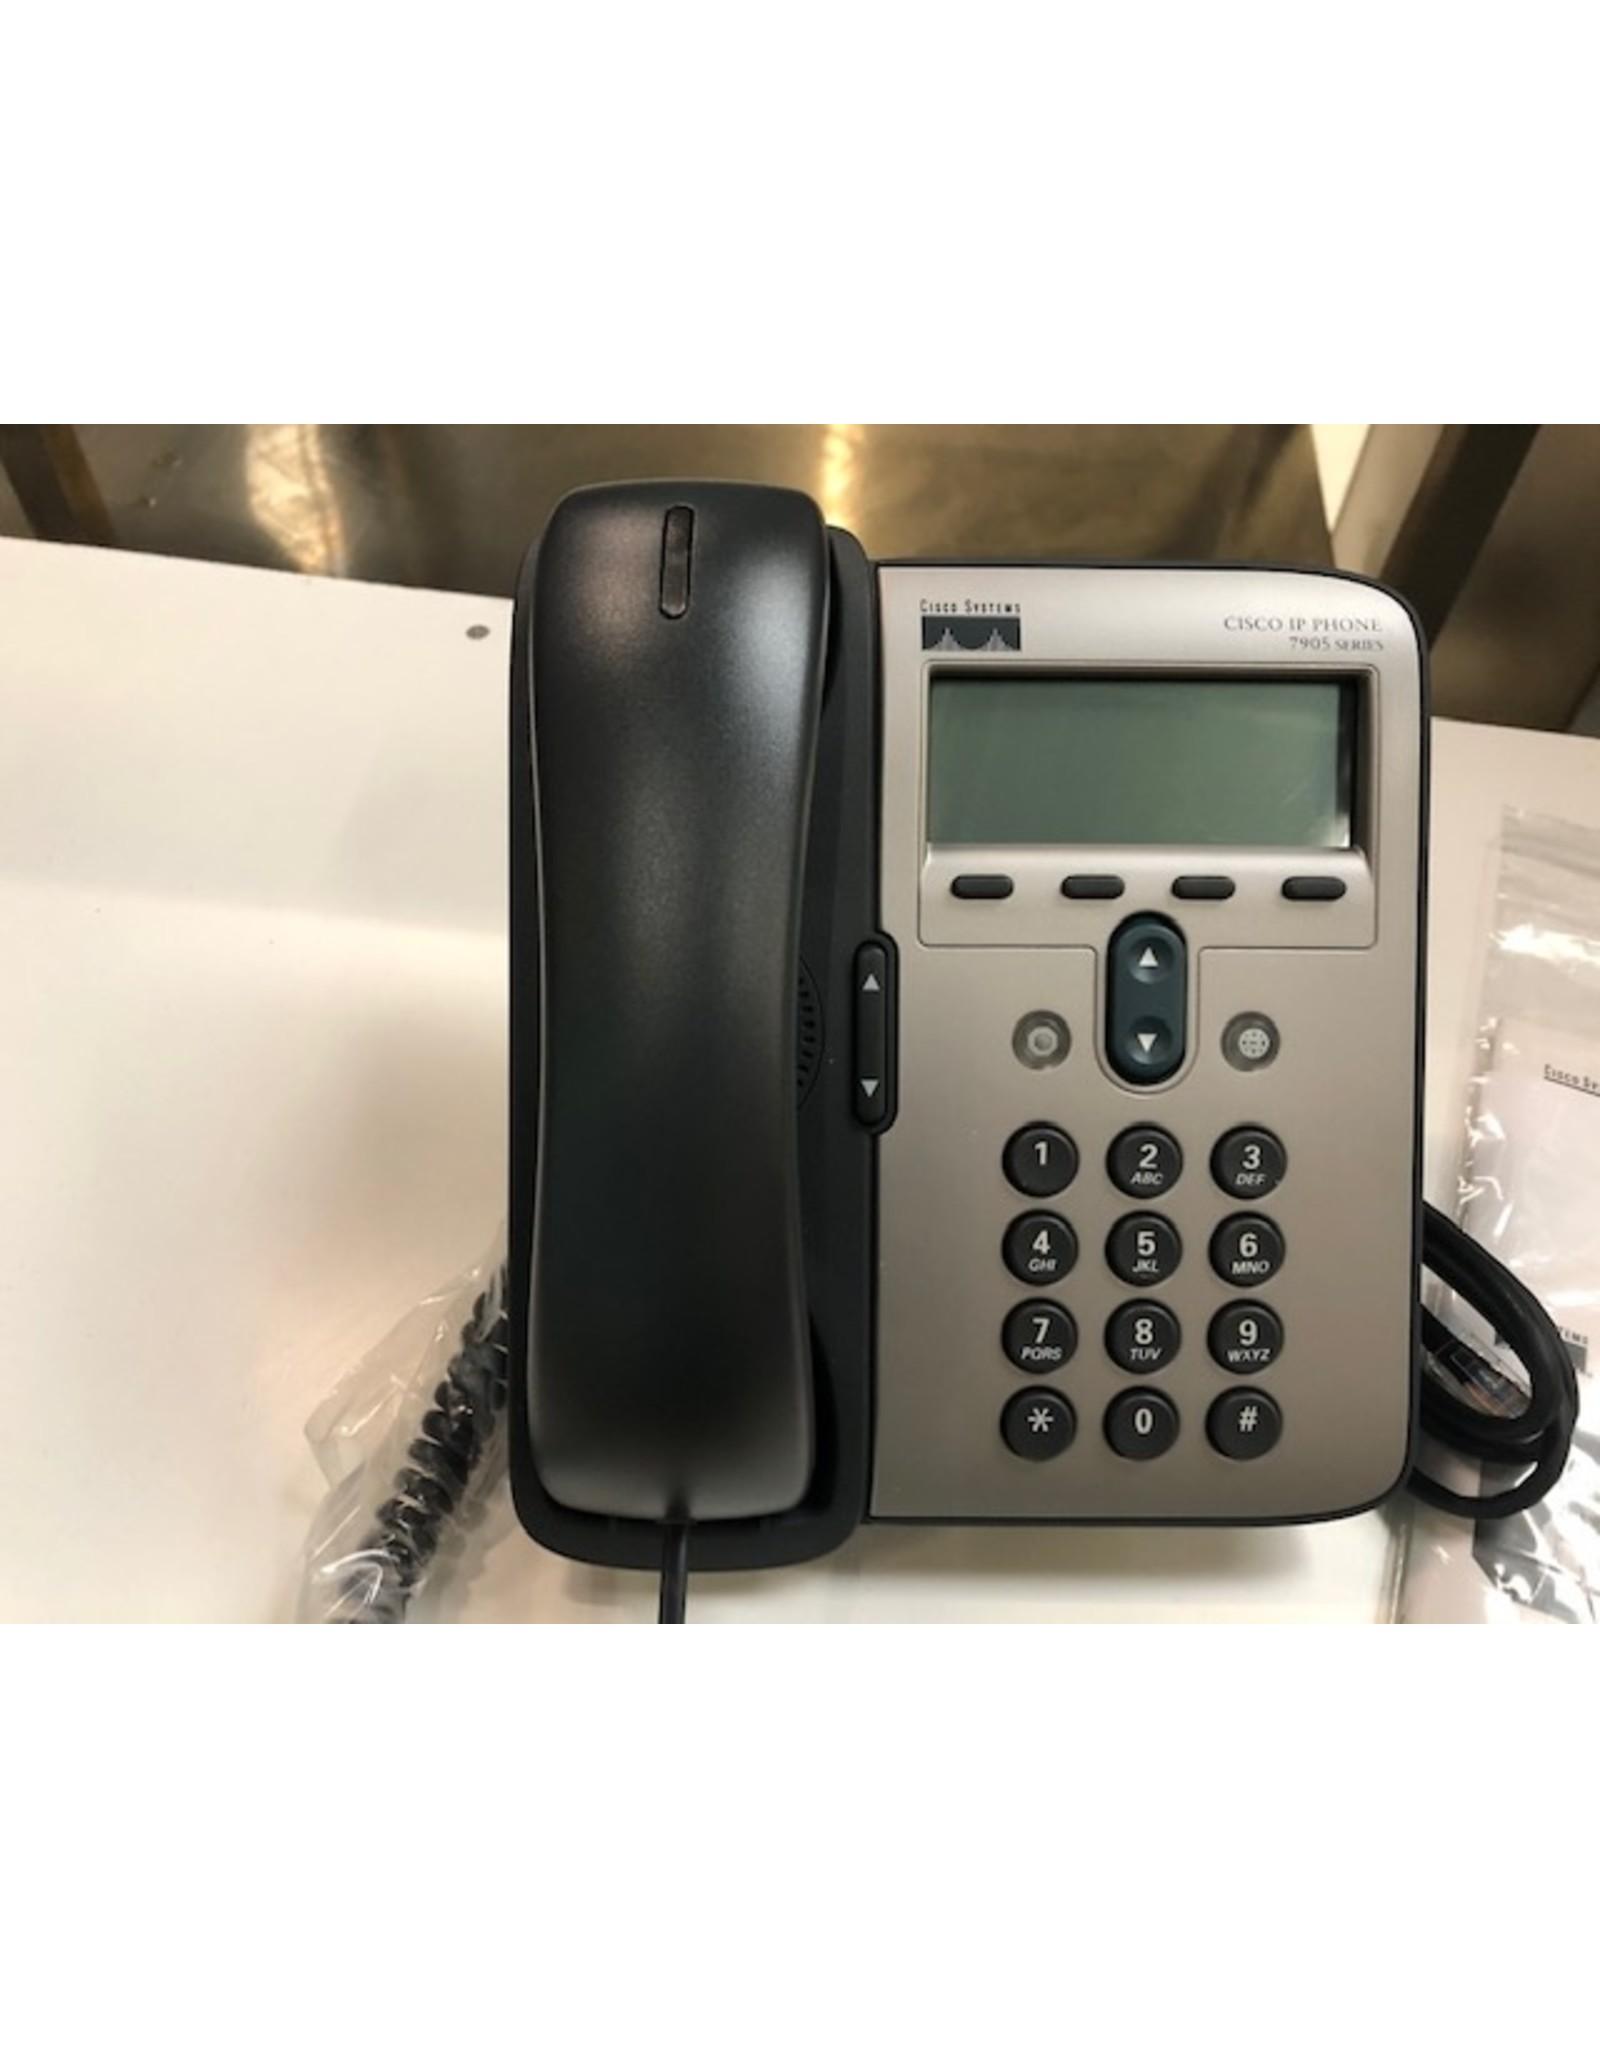 Cisco Cisco Systems CP-7905G-Telefon (neu)